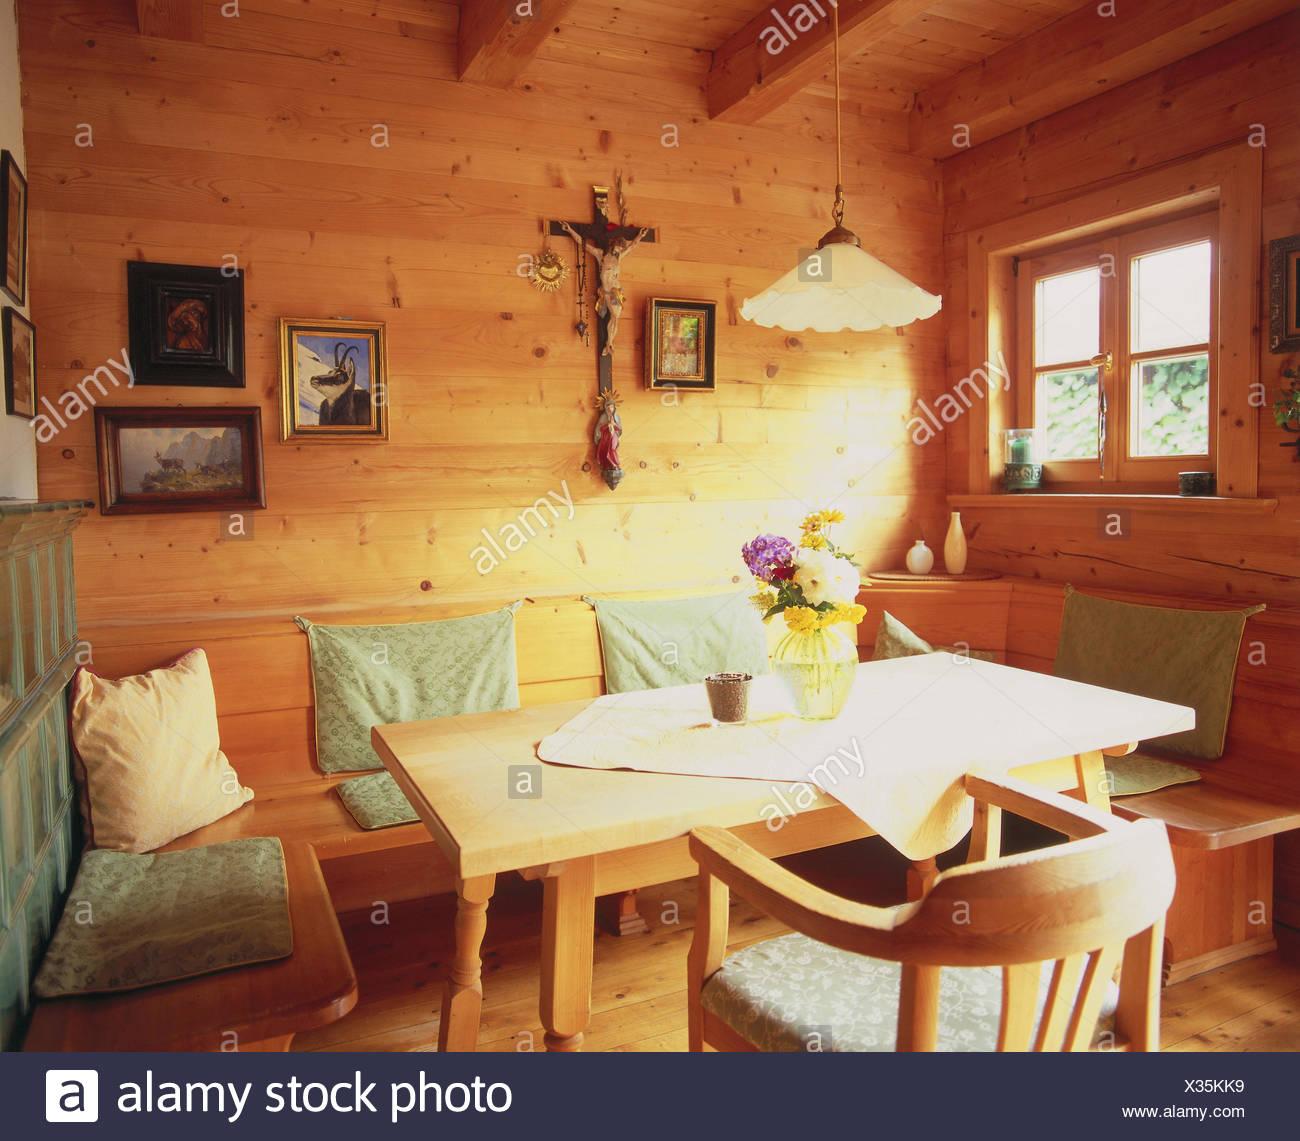 Attraktiv Detail, Zimmer, Bauernstube, Küche, Wohnraum, Wohnraum, Essecke, Eckbank,  Esstisch, Holzstück, St. Möbel, Wand, Wandbelag, Wände Aus Holz, Aus Holz,  ...